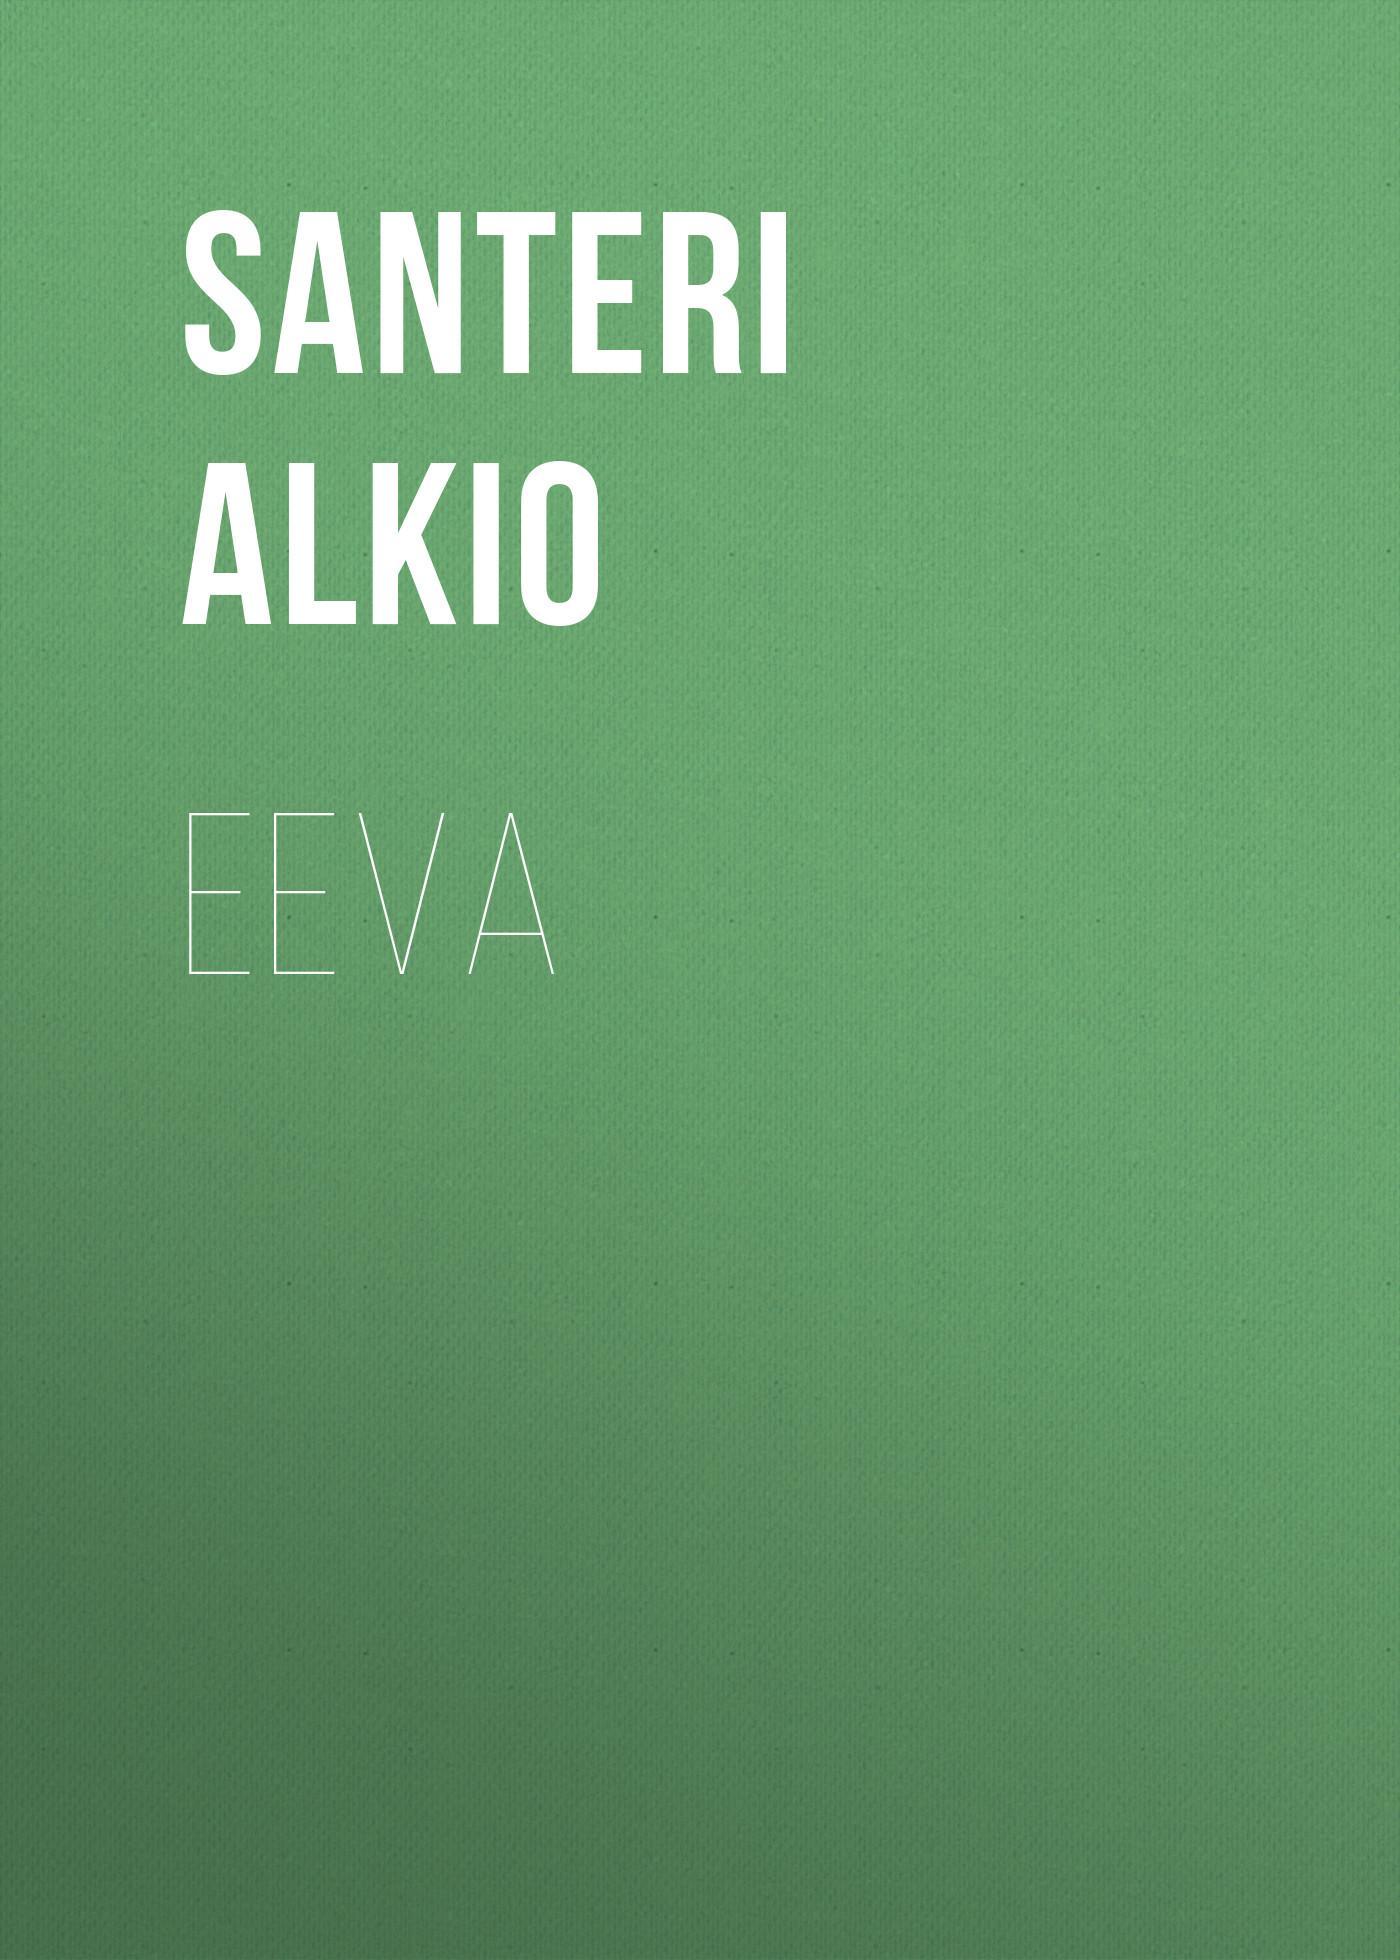 Alkio Santeri Eeva цена